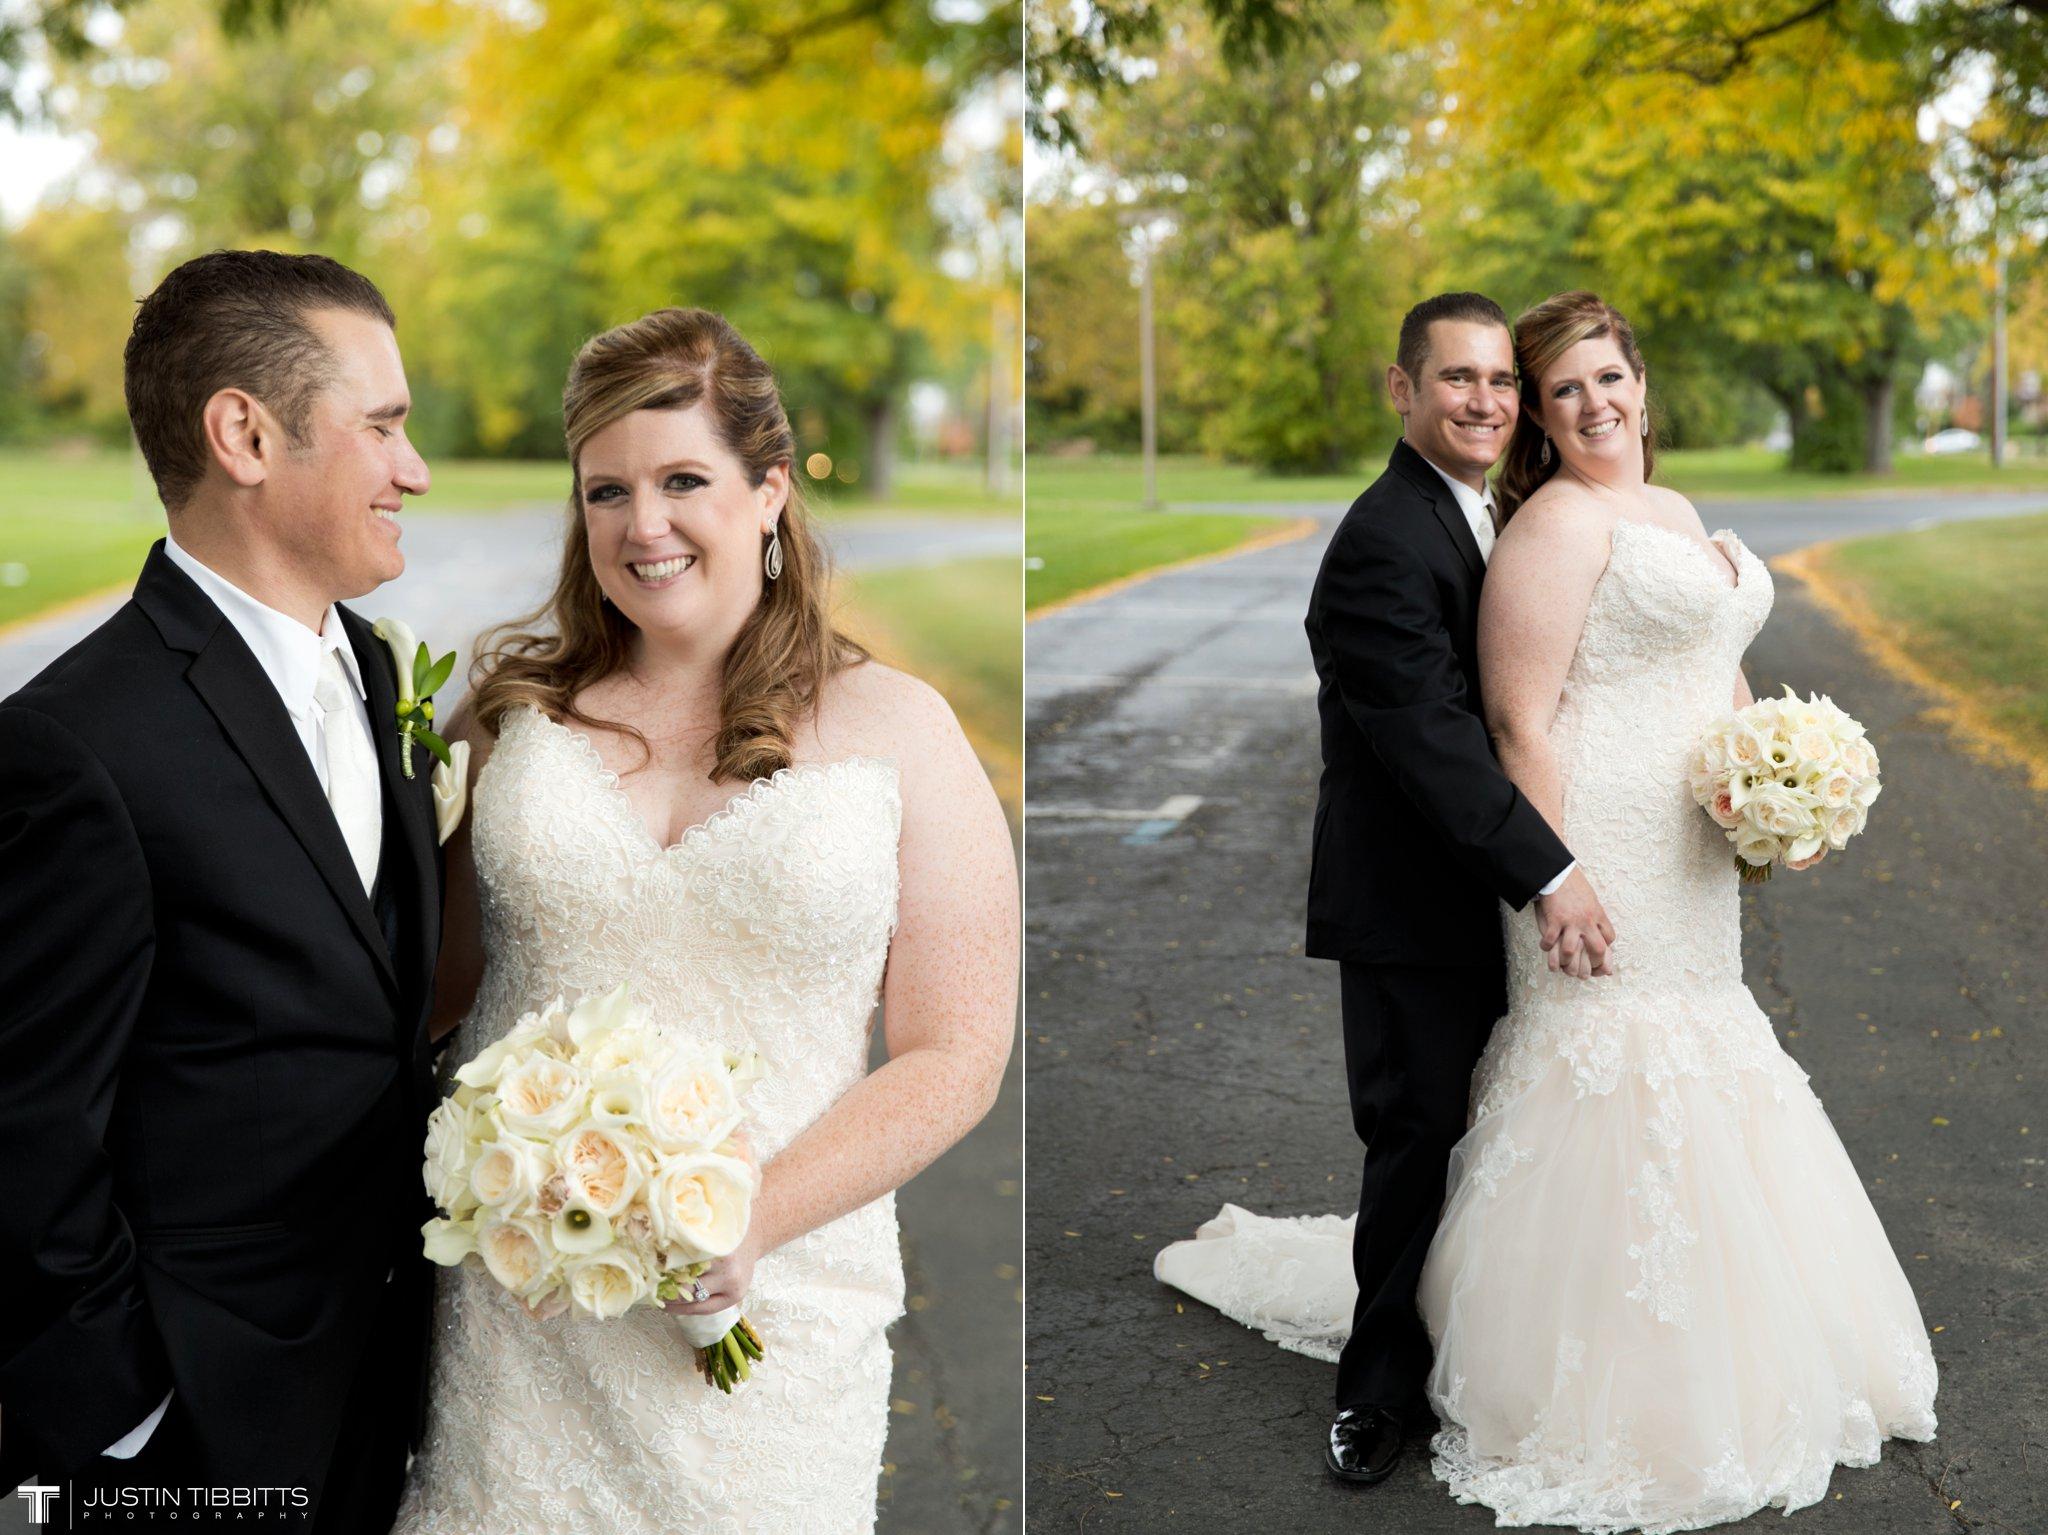 Hall of Springs Wedding Photos with Amanda and Jon-Michael_0069